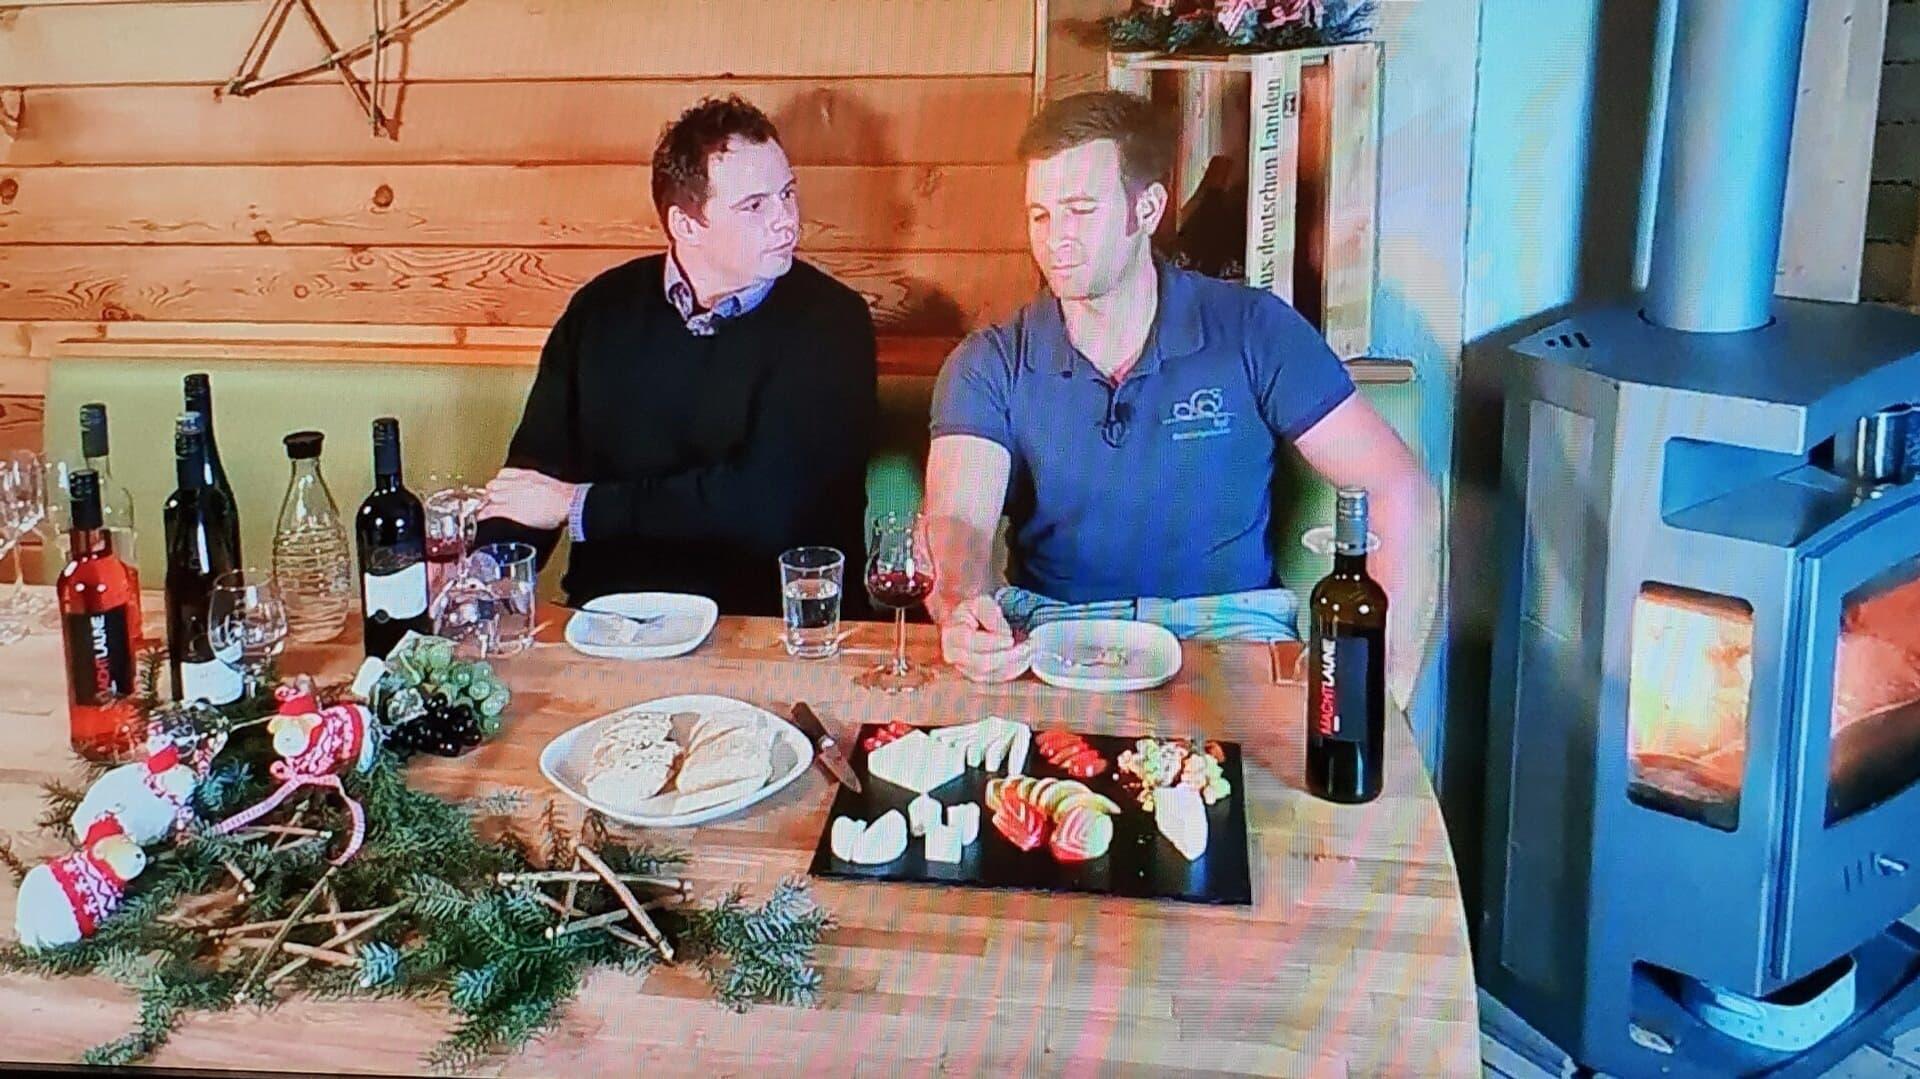 Zwei Männer neben einem Ofen bei einer digitalen Verkostung.